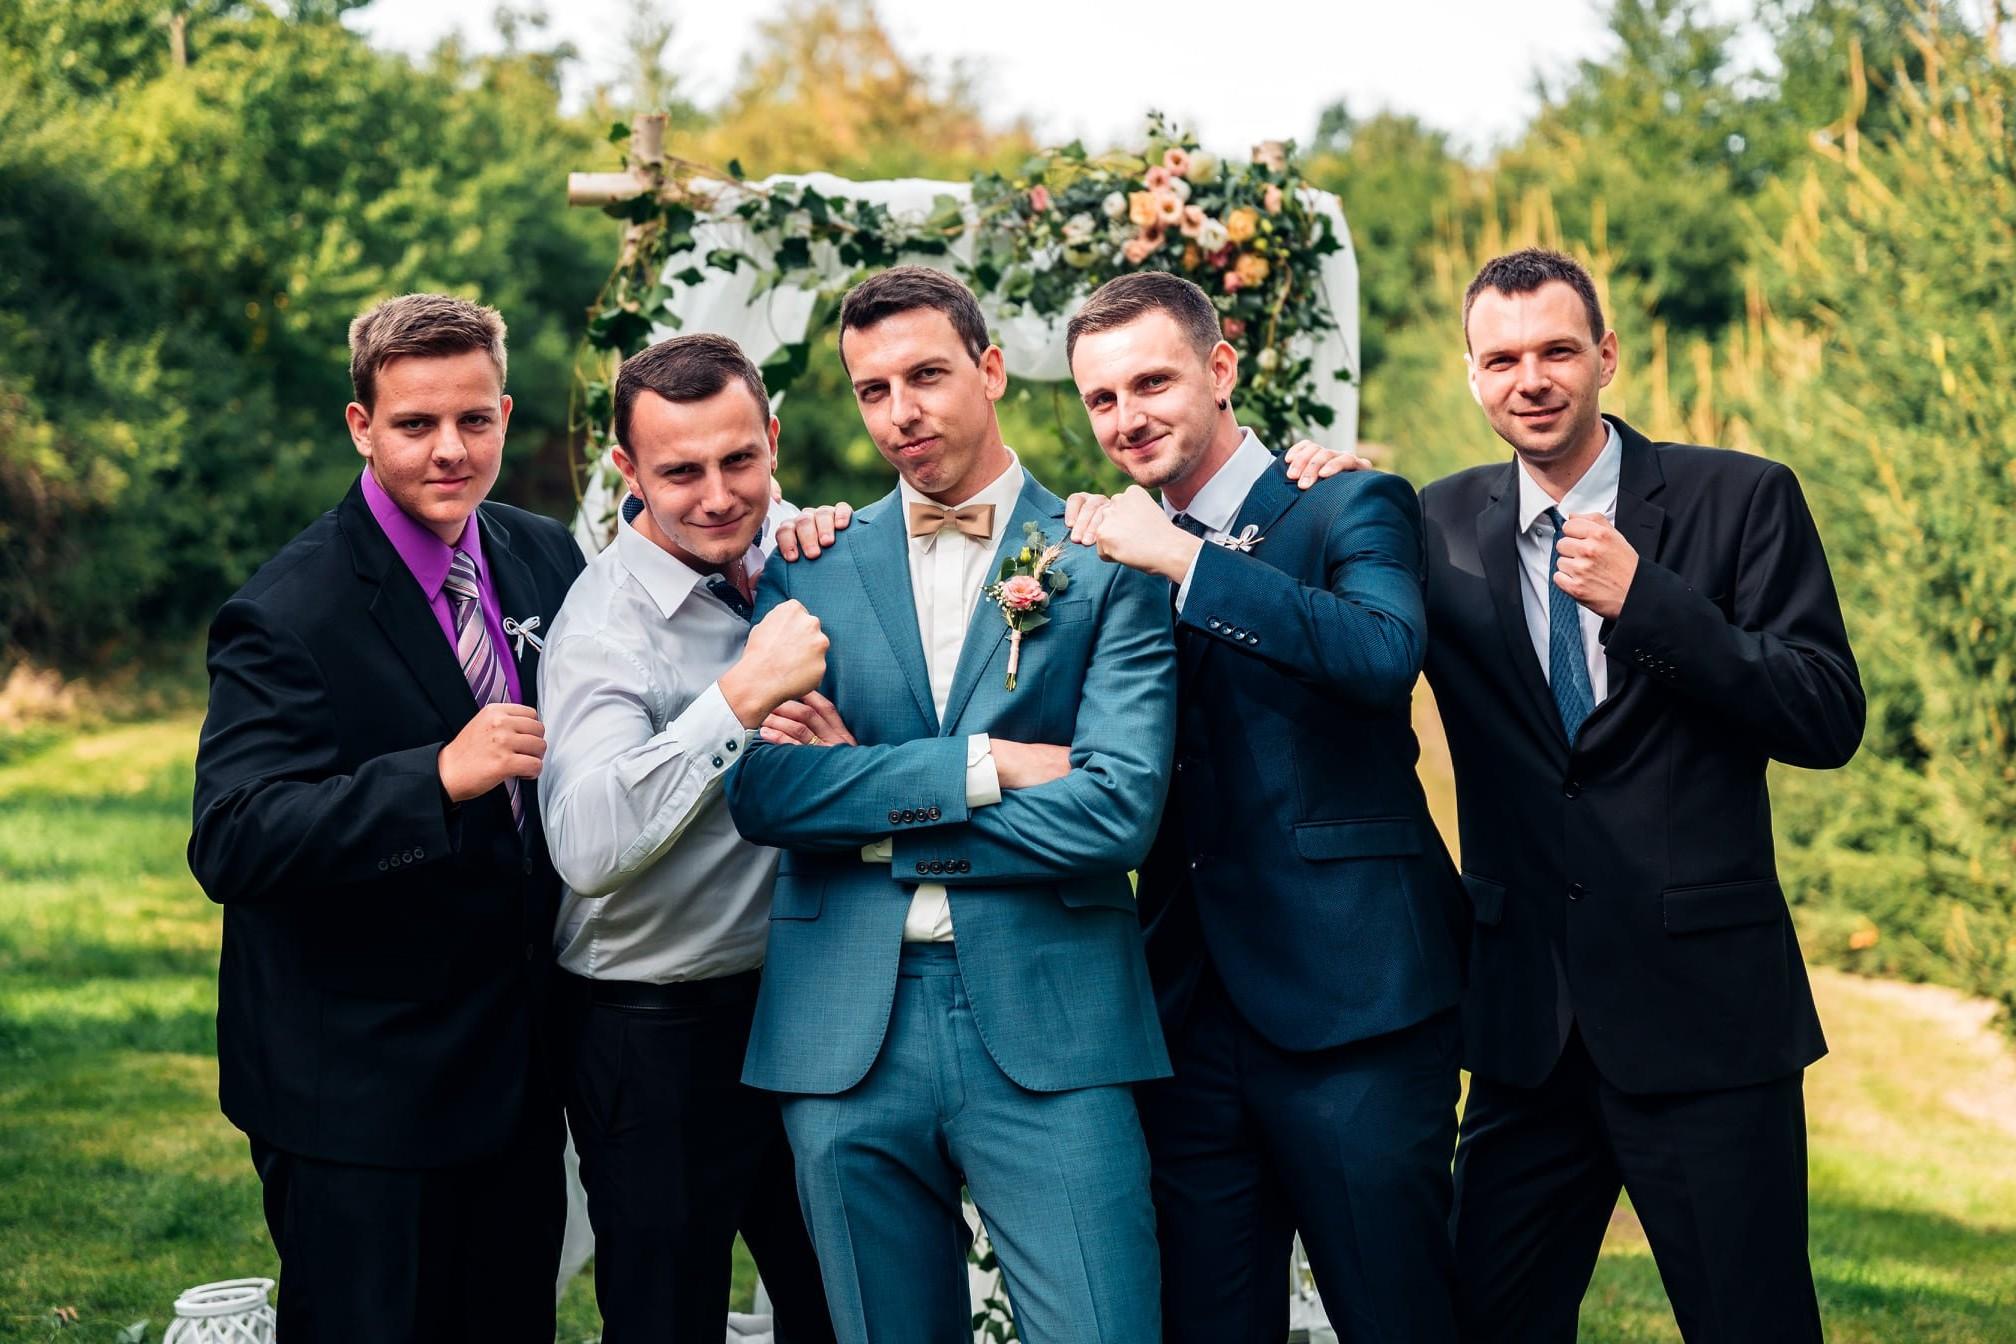 svatba, svatební fotograf, ženich, družba, svatba Jičín, svatba Český ráj